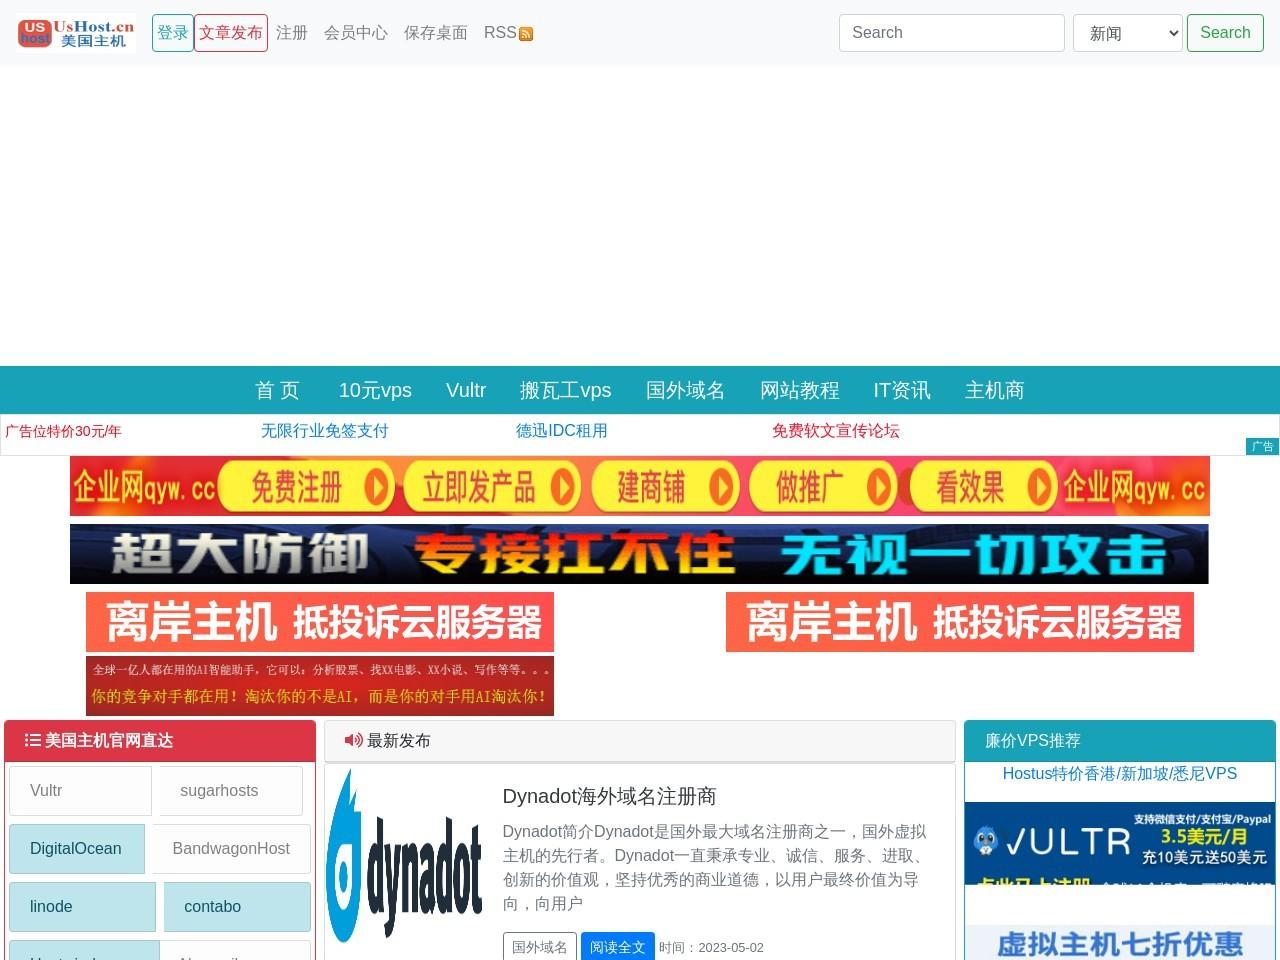 美国主机-美国主机评测,优惠码,美国主机中文网